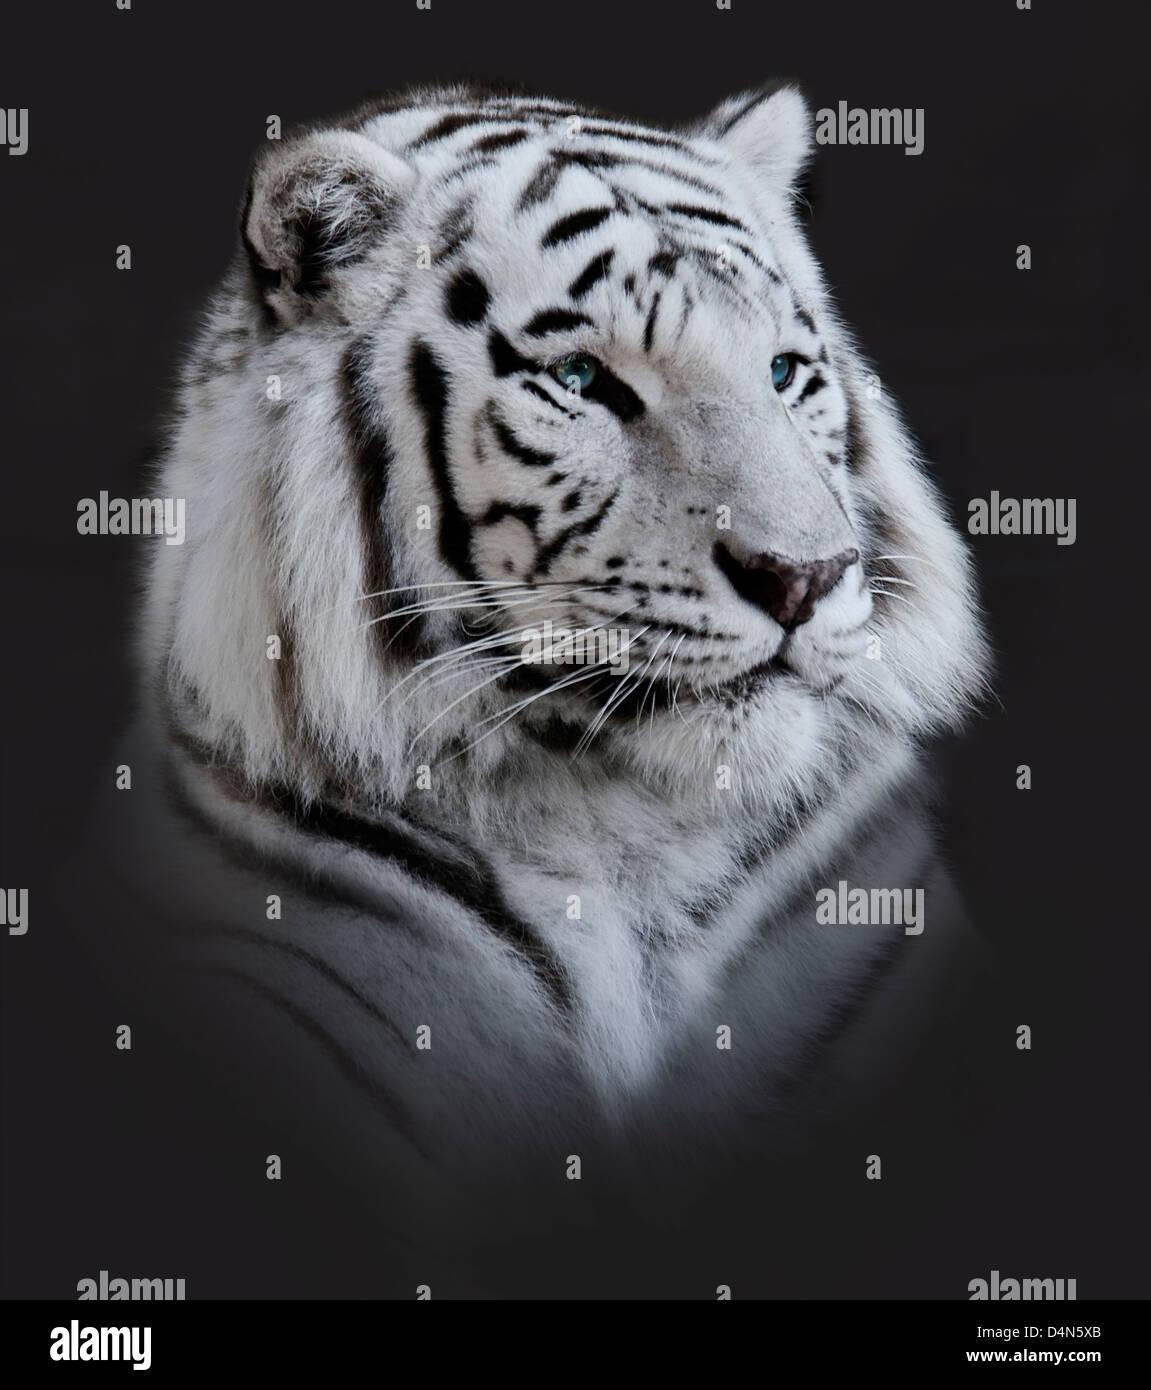 Weißer Tiger-Portrait auf dunklem Hintergrund Stockfoto